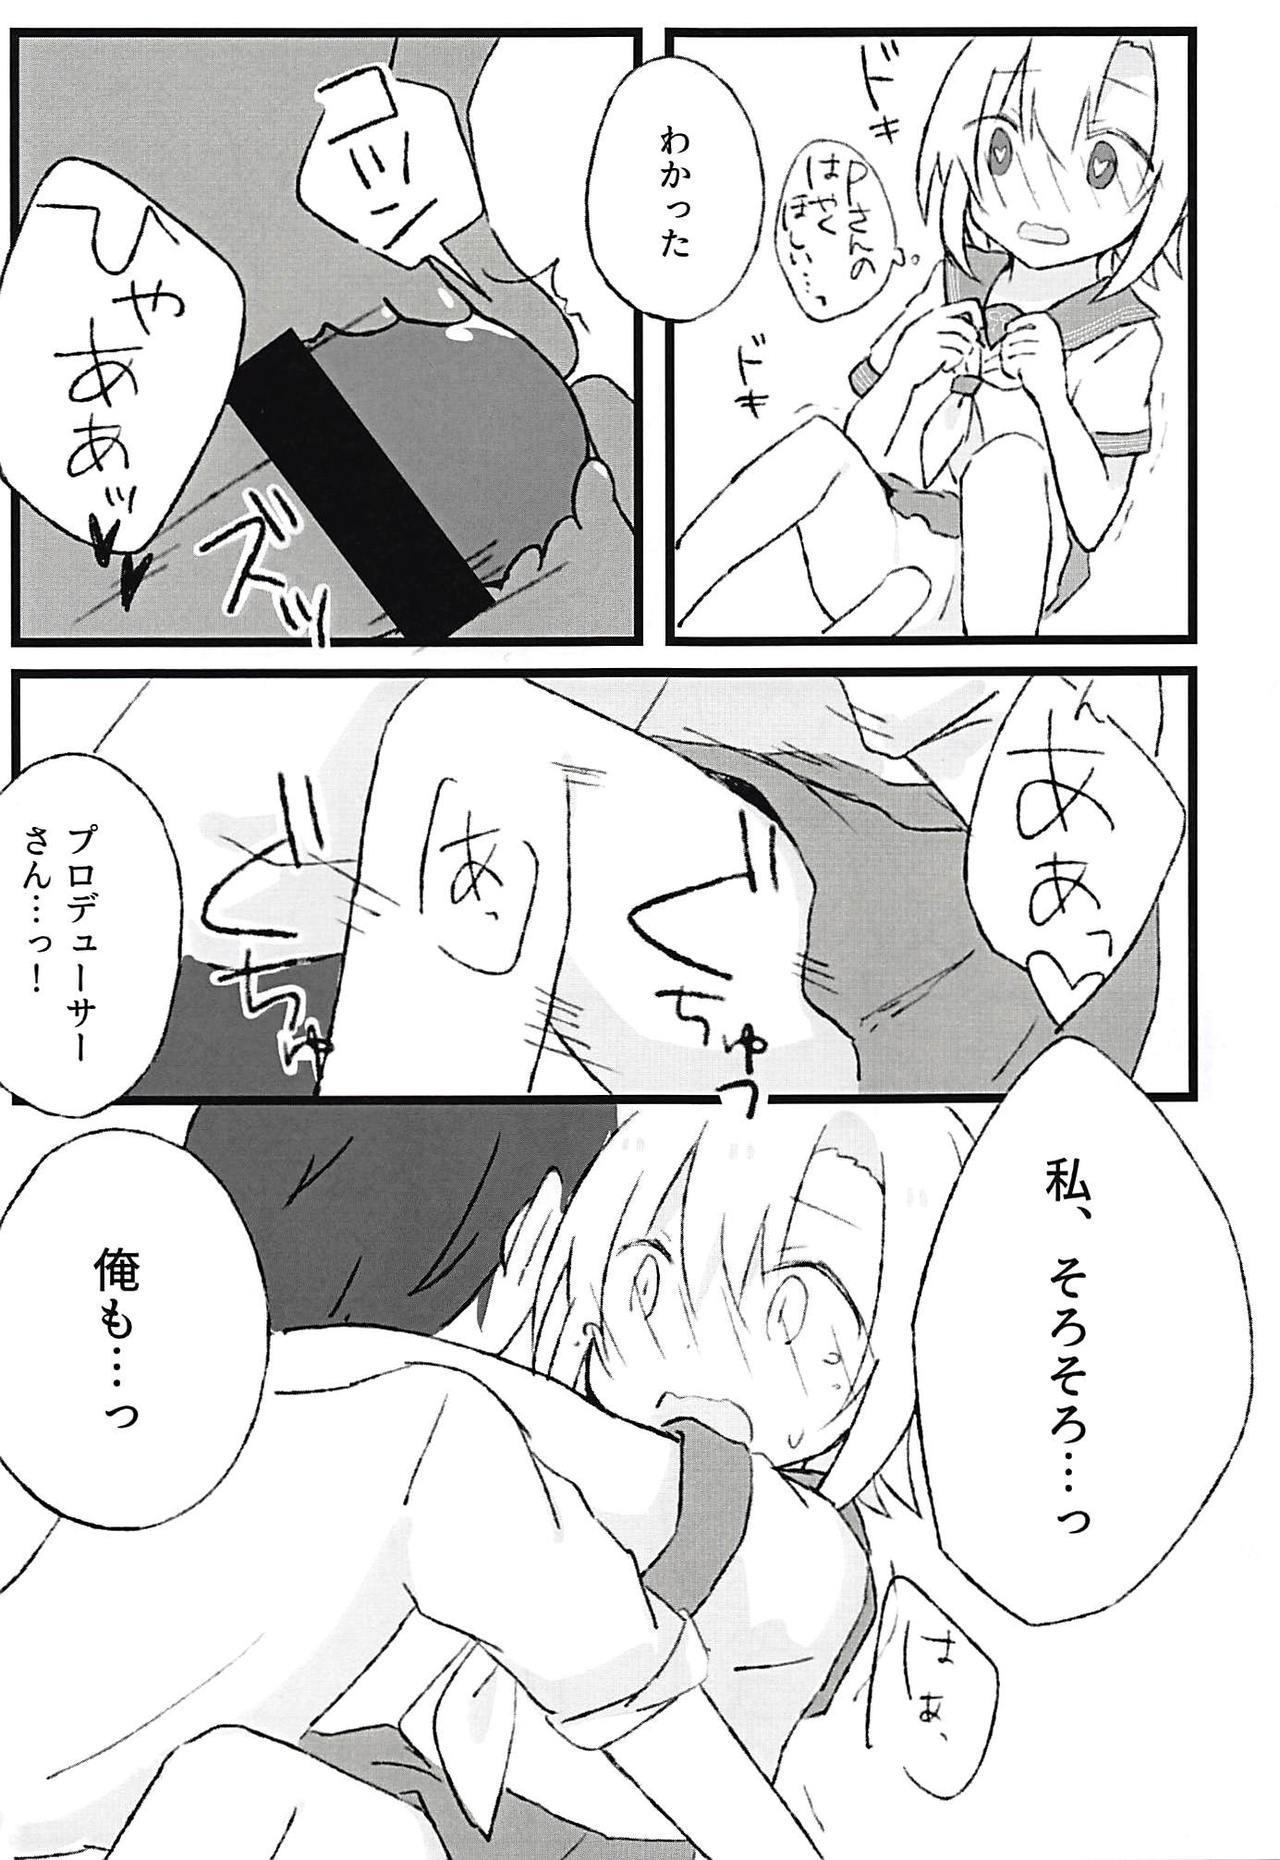 Seifuku Riina to Ecchi na Koto ga Shitai 11